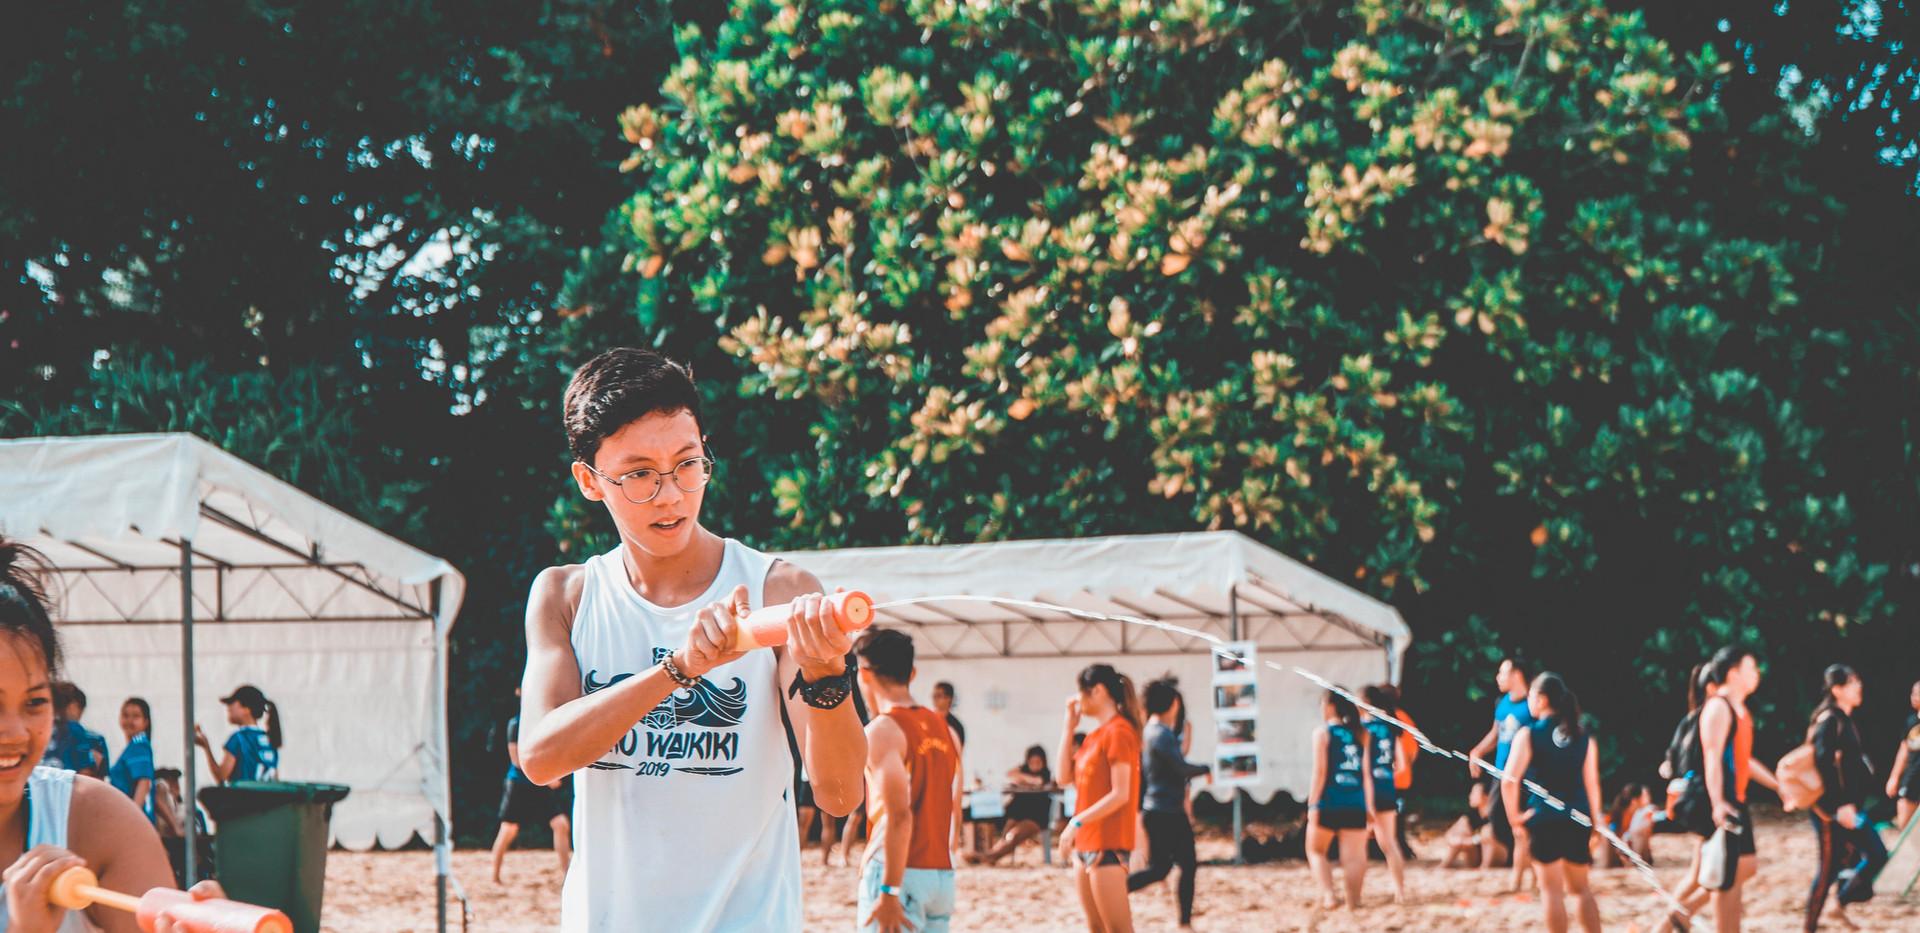 Waikiki 2019